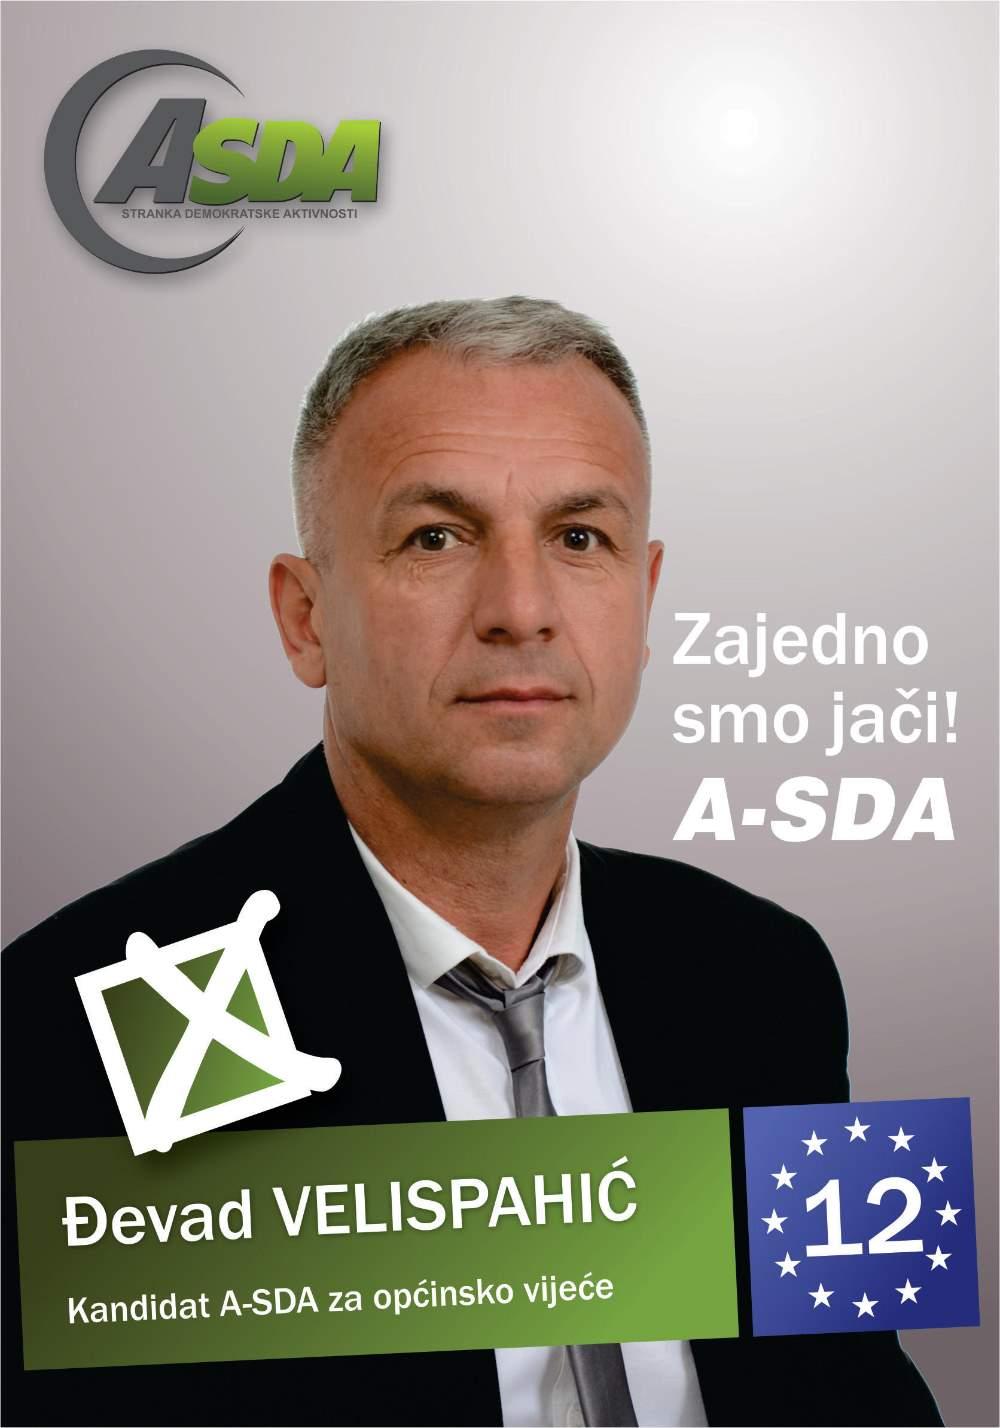 Đevad Velispahić